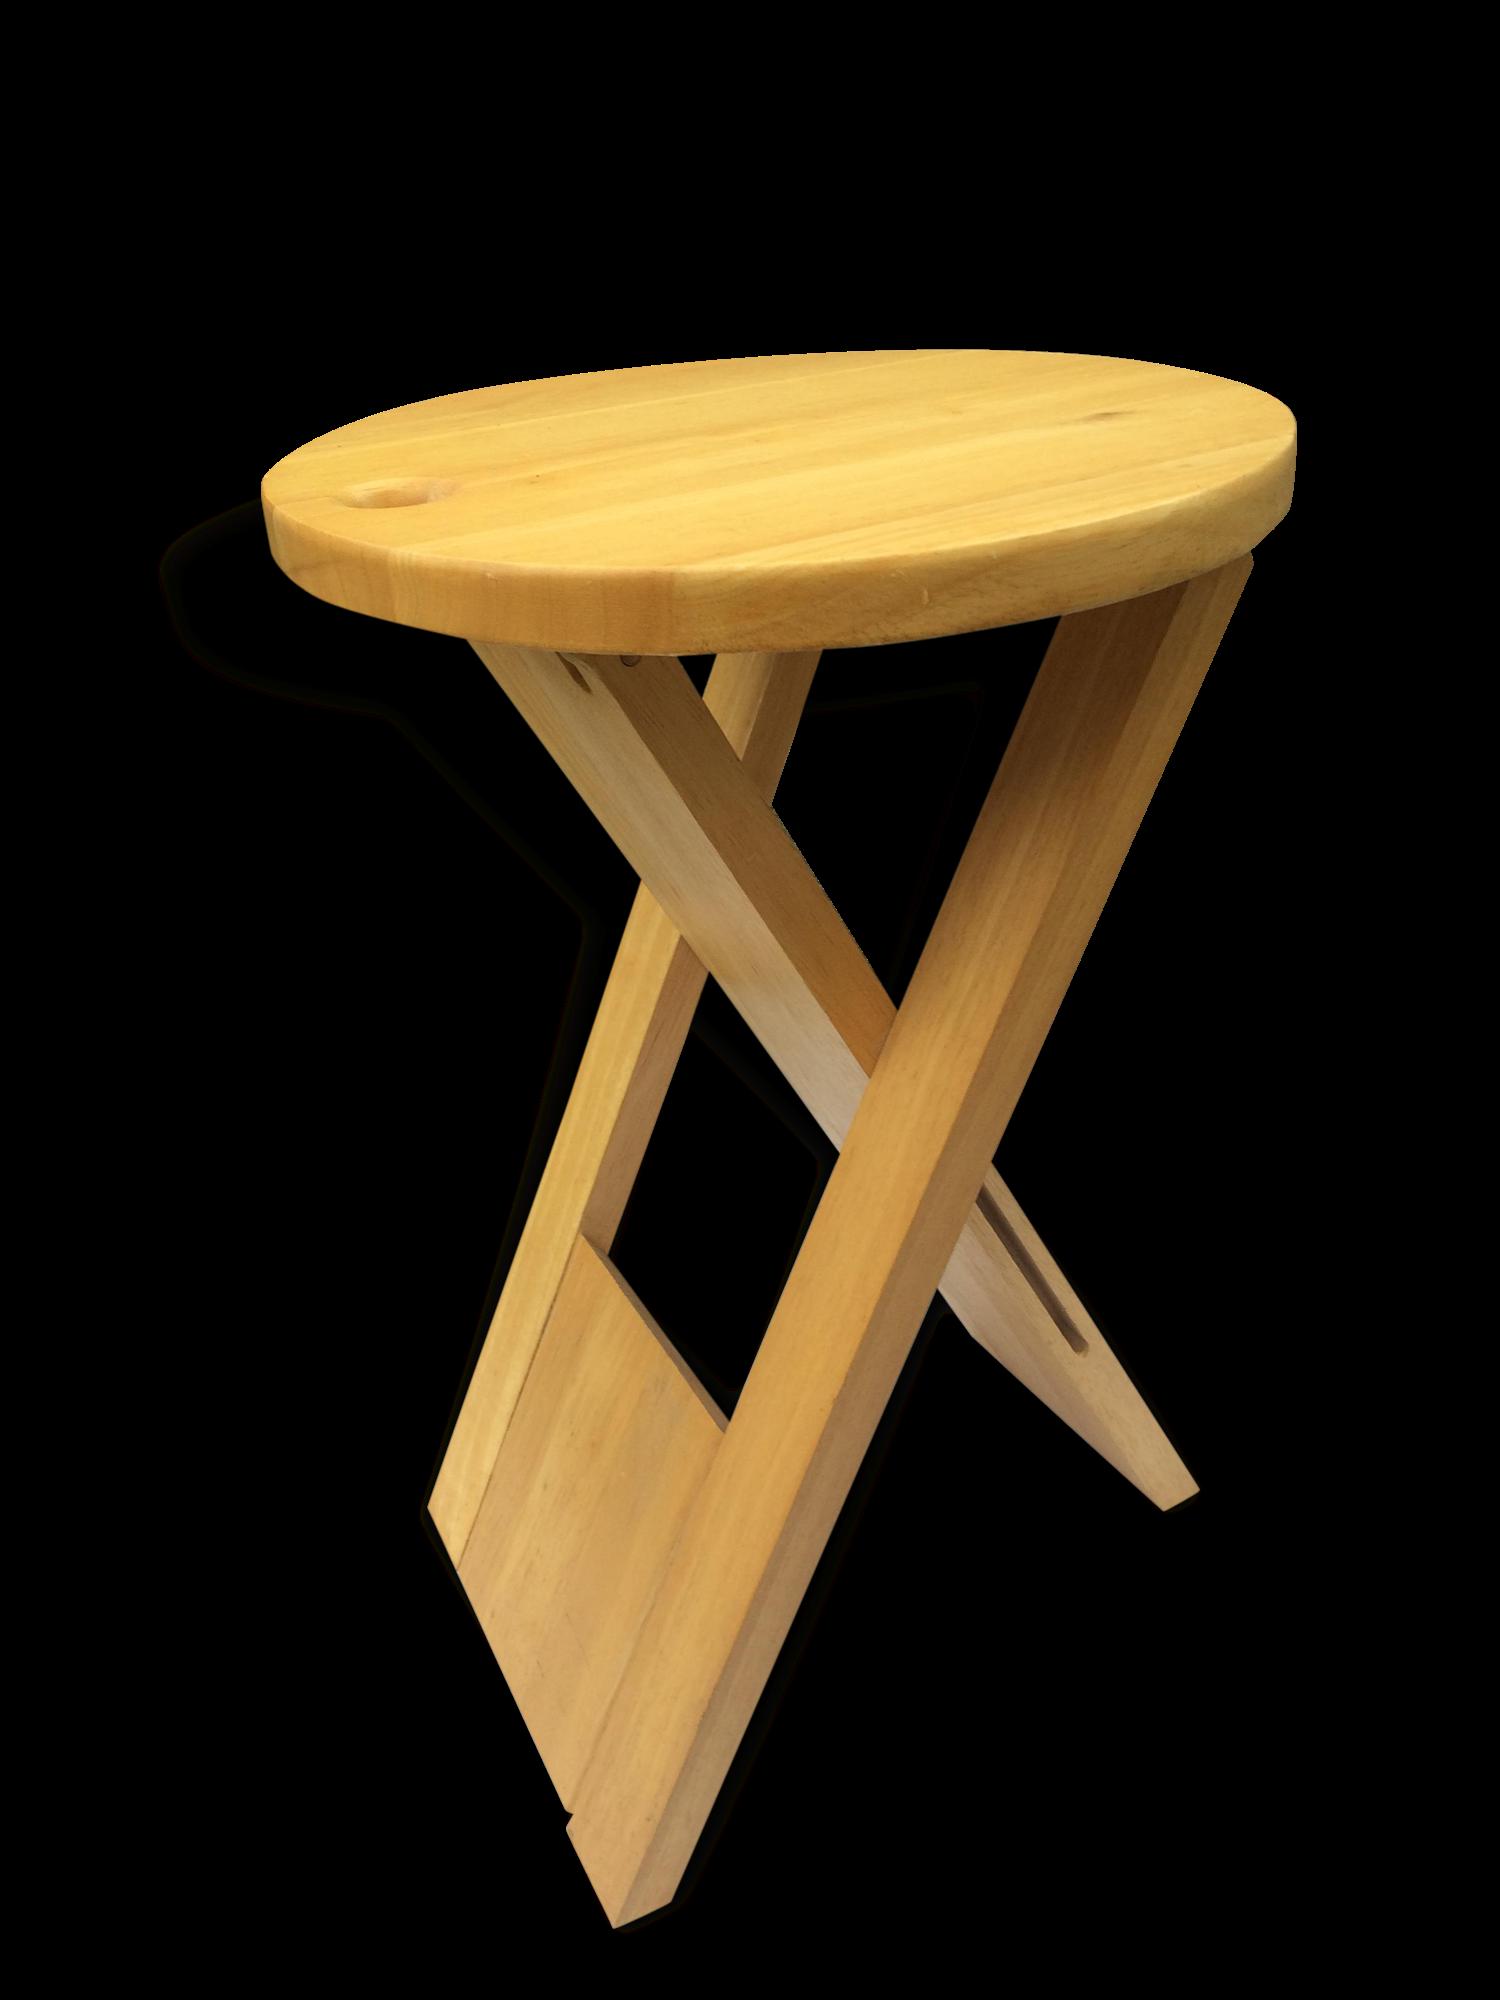 tabouret-pliant-design-roger-tallon-edition-sentou-vintage-80-tbe_original Incroyable De Table Basse Anglais Conception